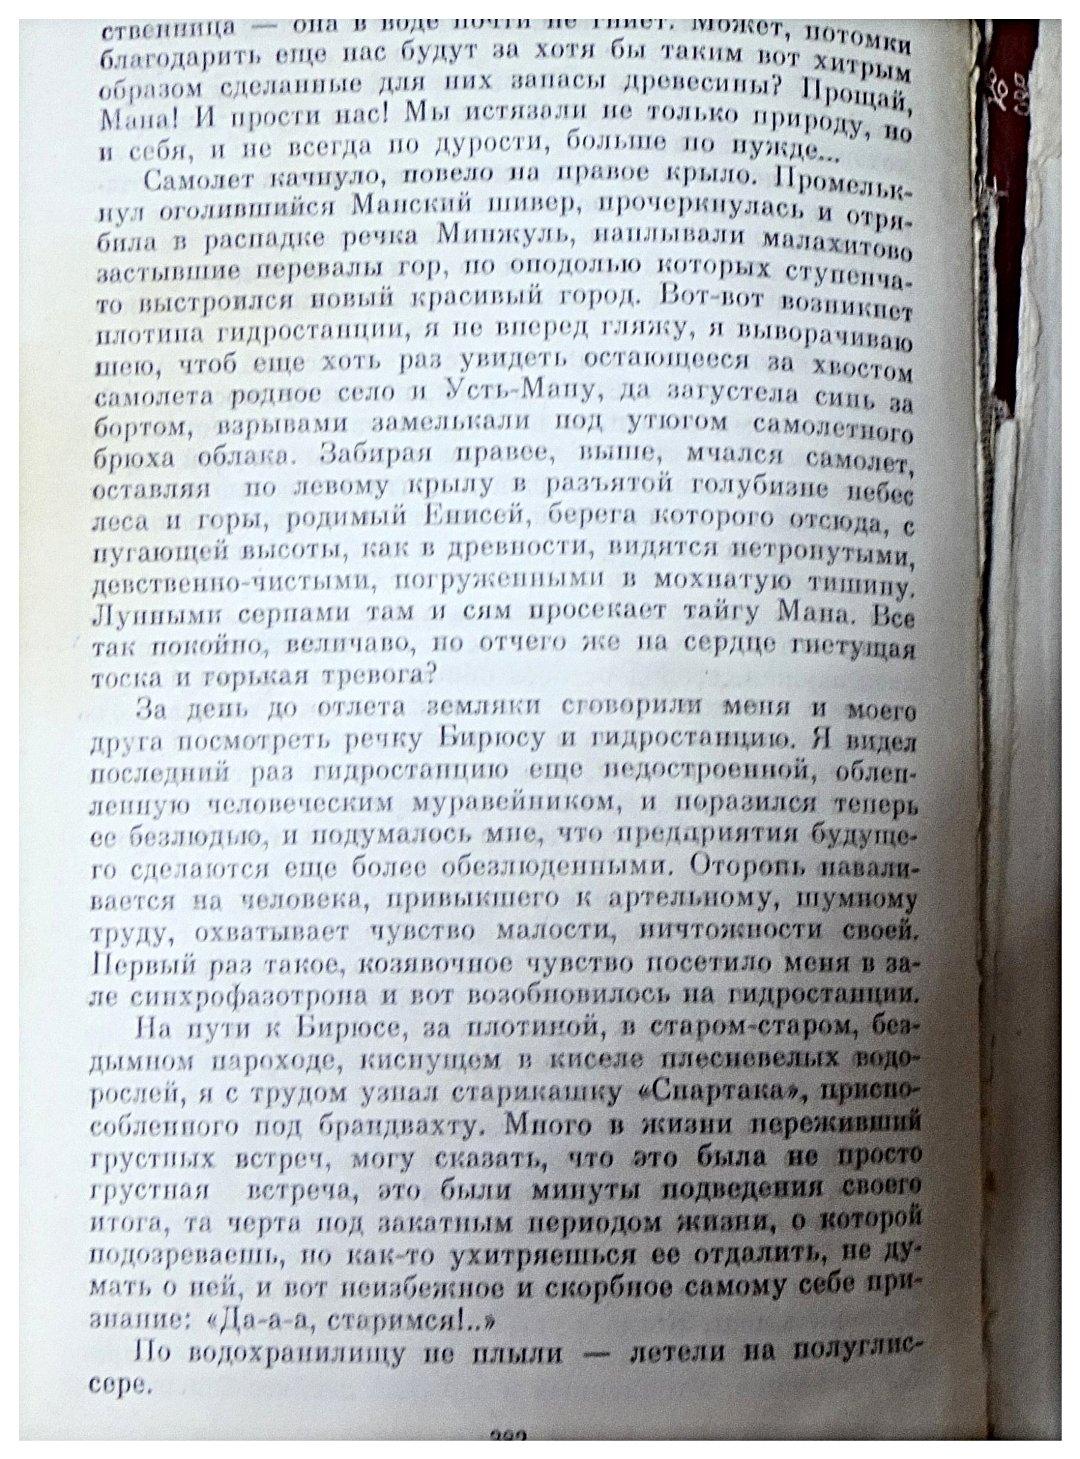 Виктор Астафьев, из книги Царь-рыба, иллюстрации, фото 011